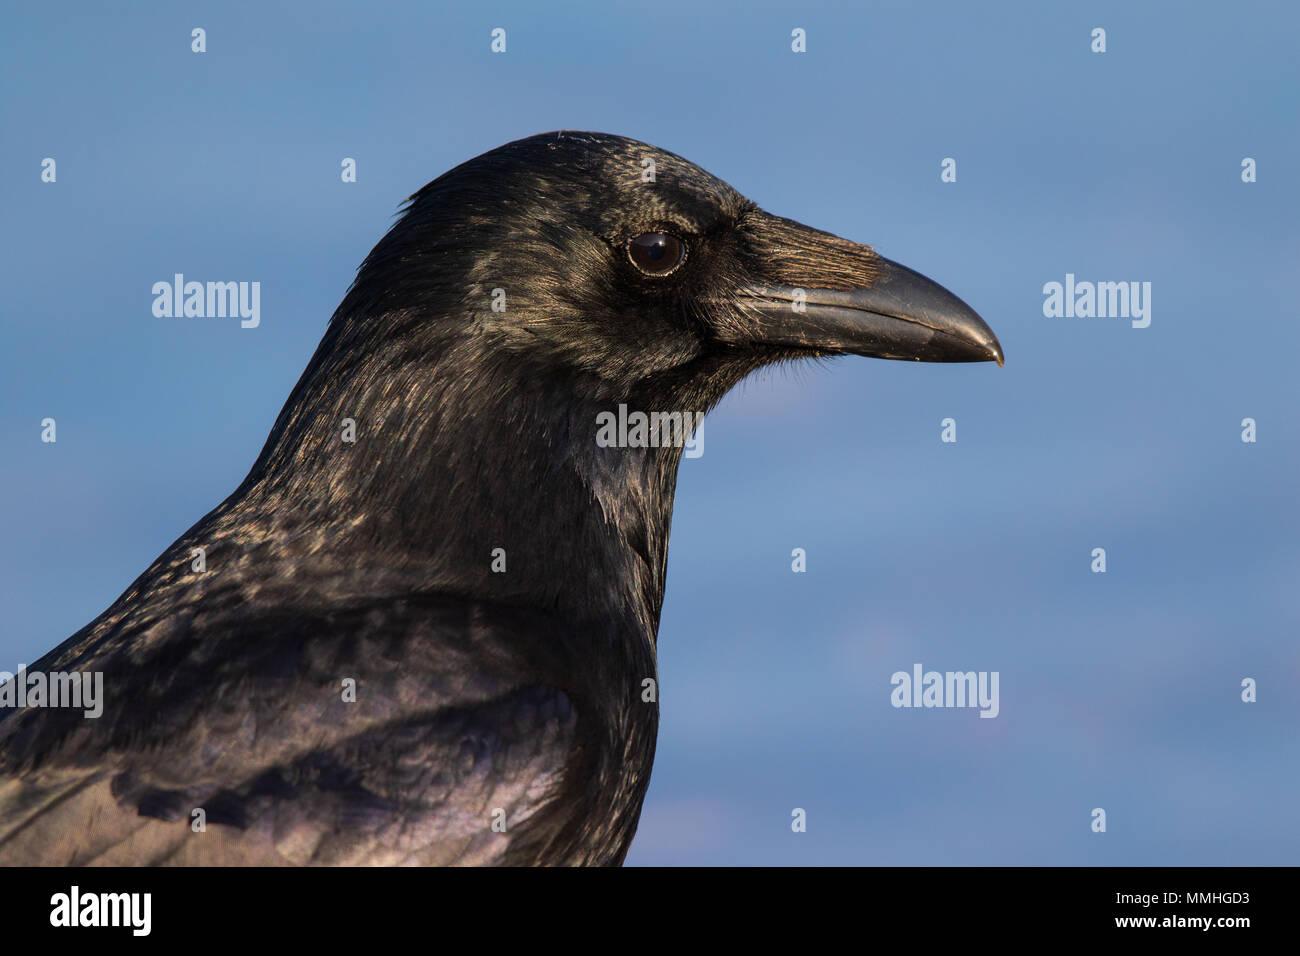 Porträt einer Nebelkrähe (Corvus corone Corone) Stockbild